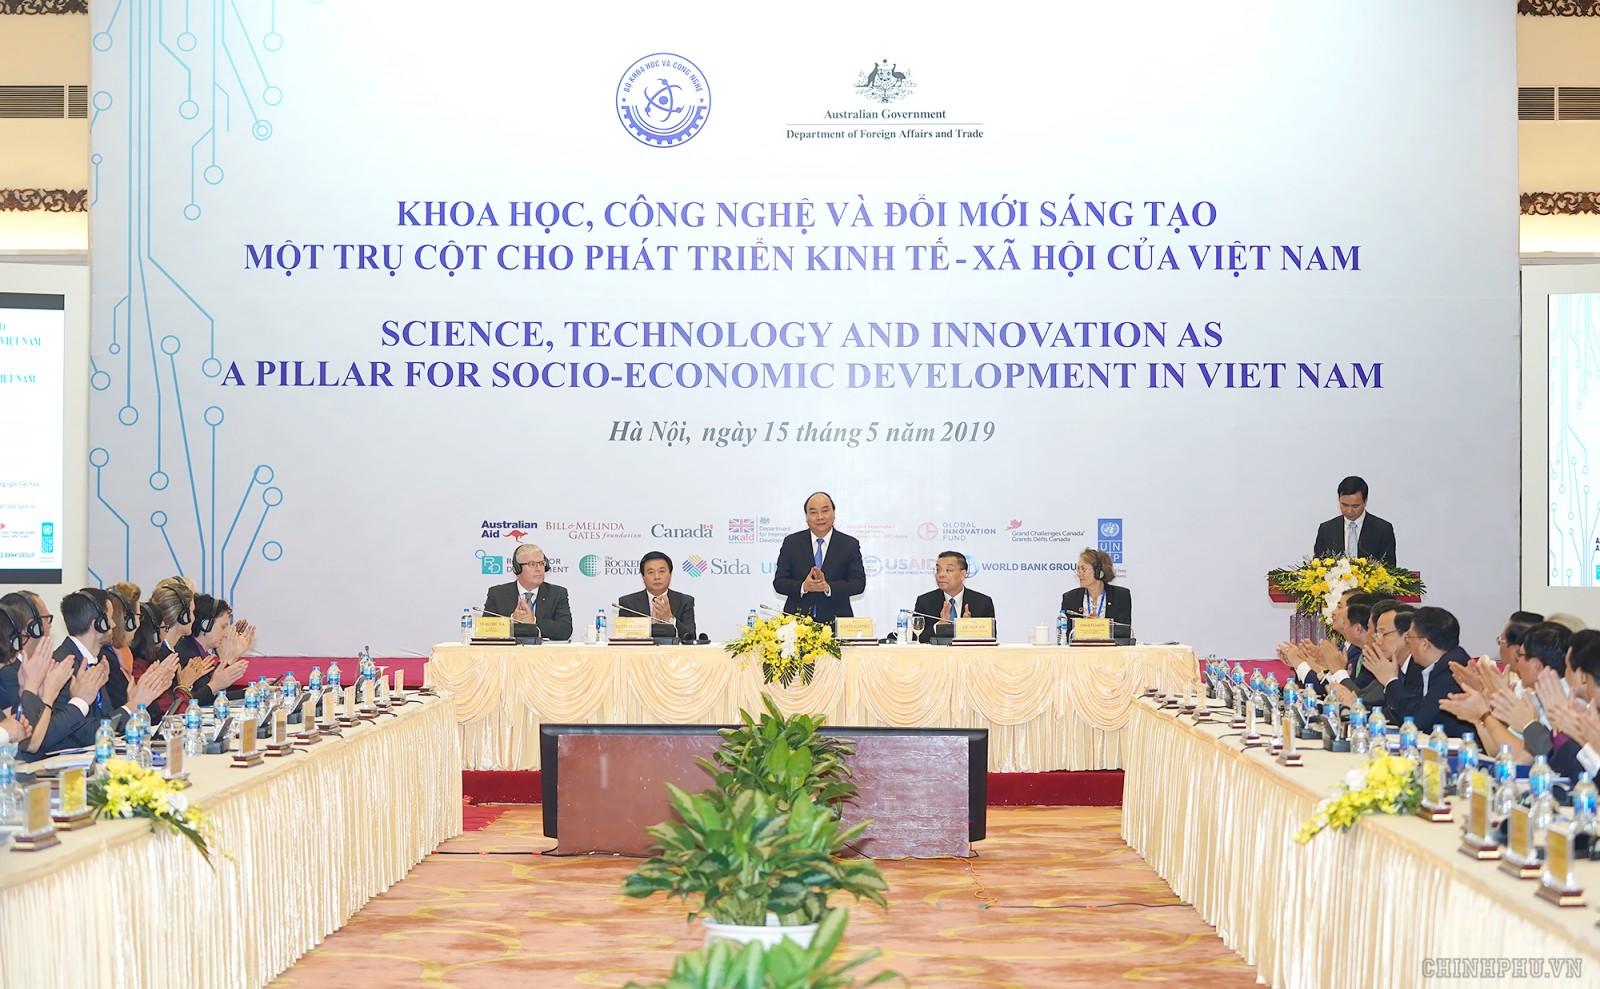 Thủ tướng Nguyễn Xuân Phúc dự Hội nghị Khoa học, Công nghệ và Đổi mới sáng tạo sáng 15/5. Ảnh: VGP/Quang Hiếu